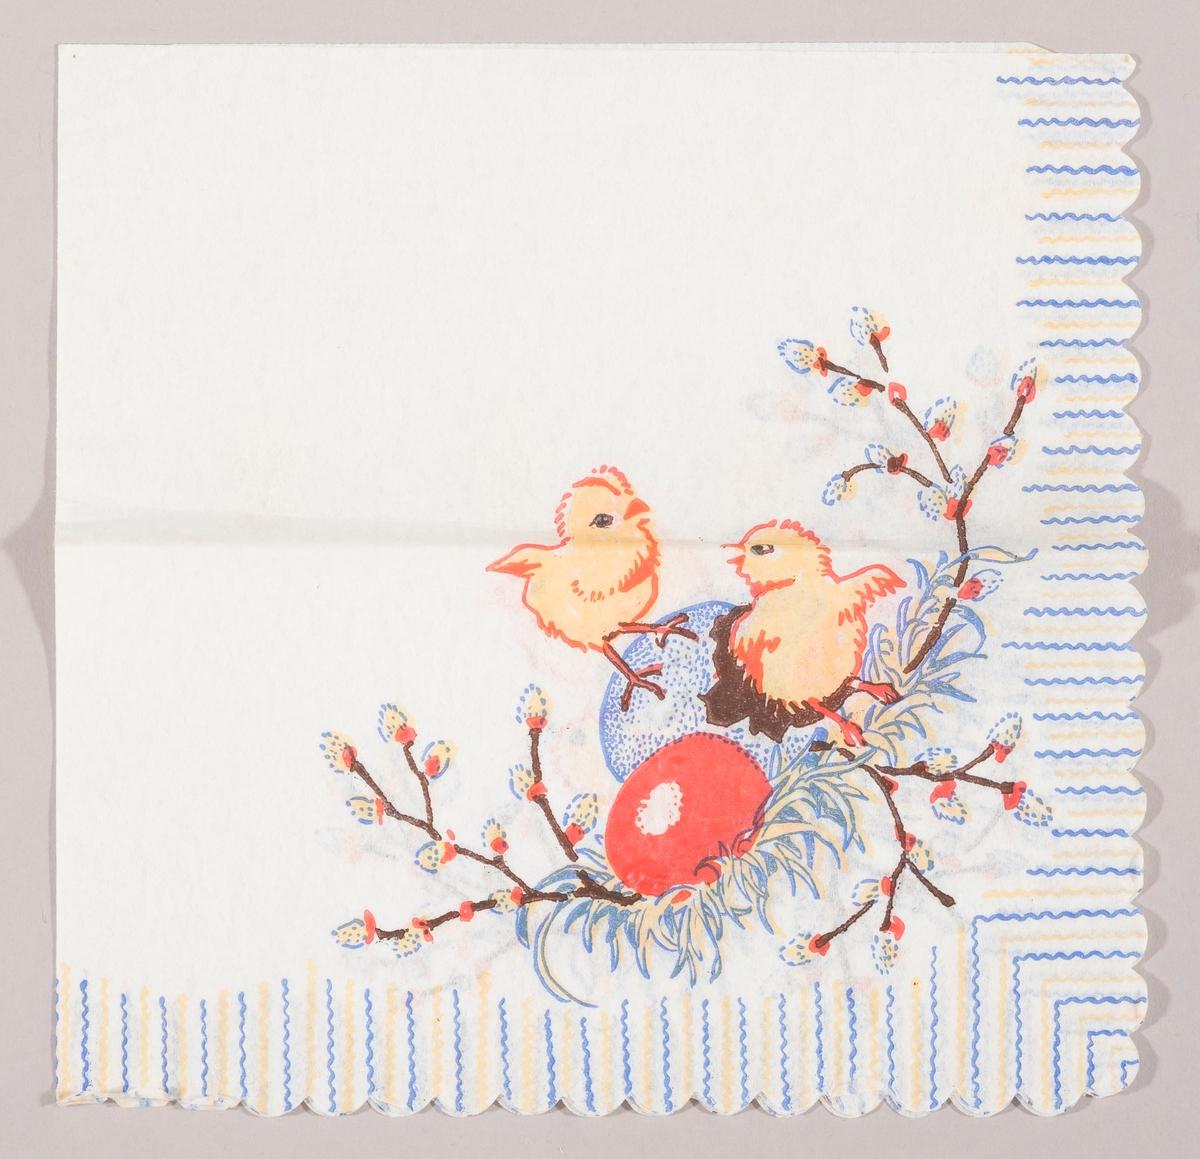 """Et rede med et rødt påskeegg og skallet av et blått påskeegg og to kyllinger. Grener med """"gåsunger"""". Striper i blåt og gull langs kanten."""